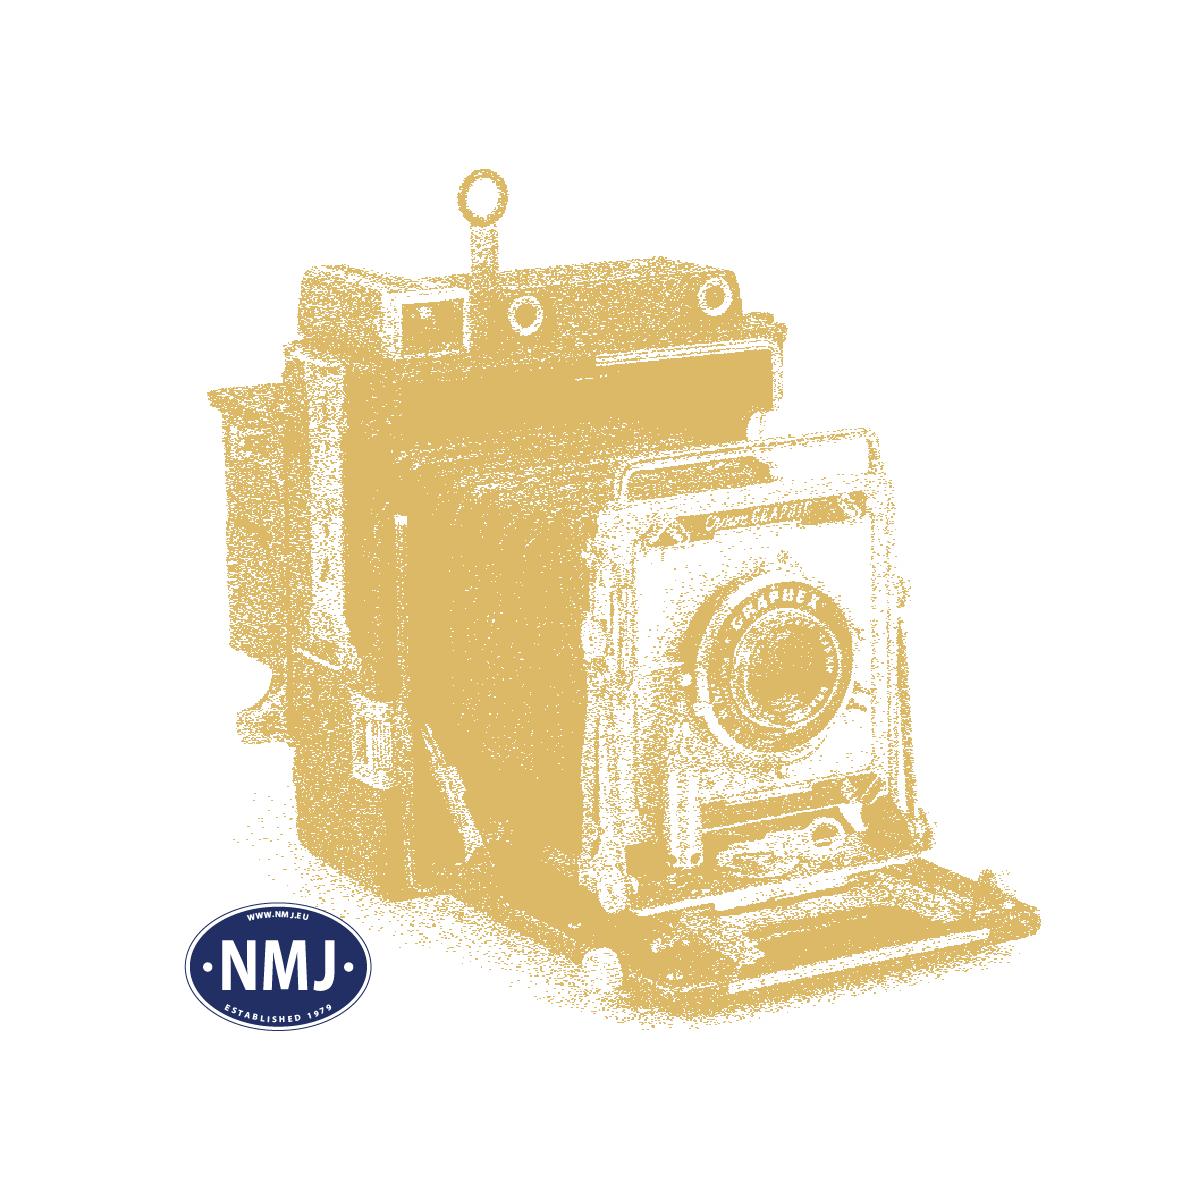 NMJT145403 - NMJ Topline SNCB 5211, DC Analog, 0-Skala